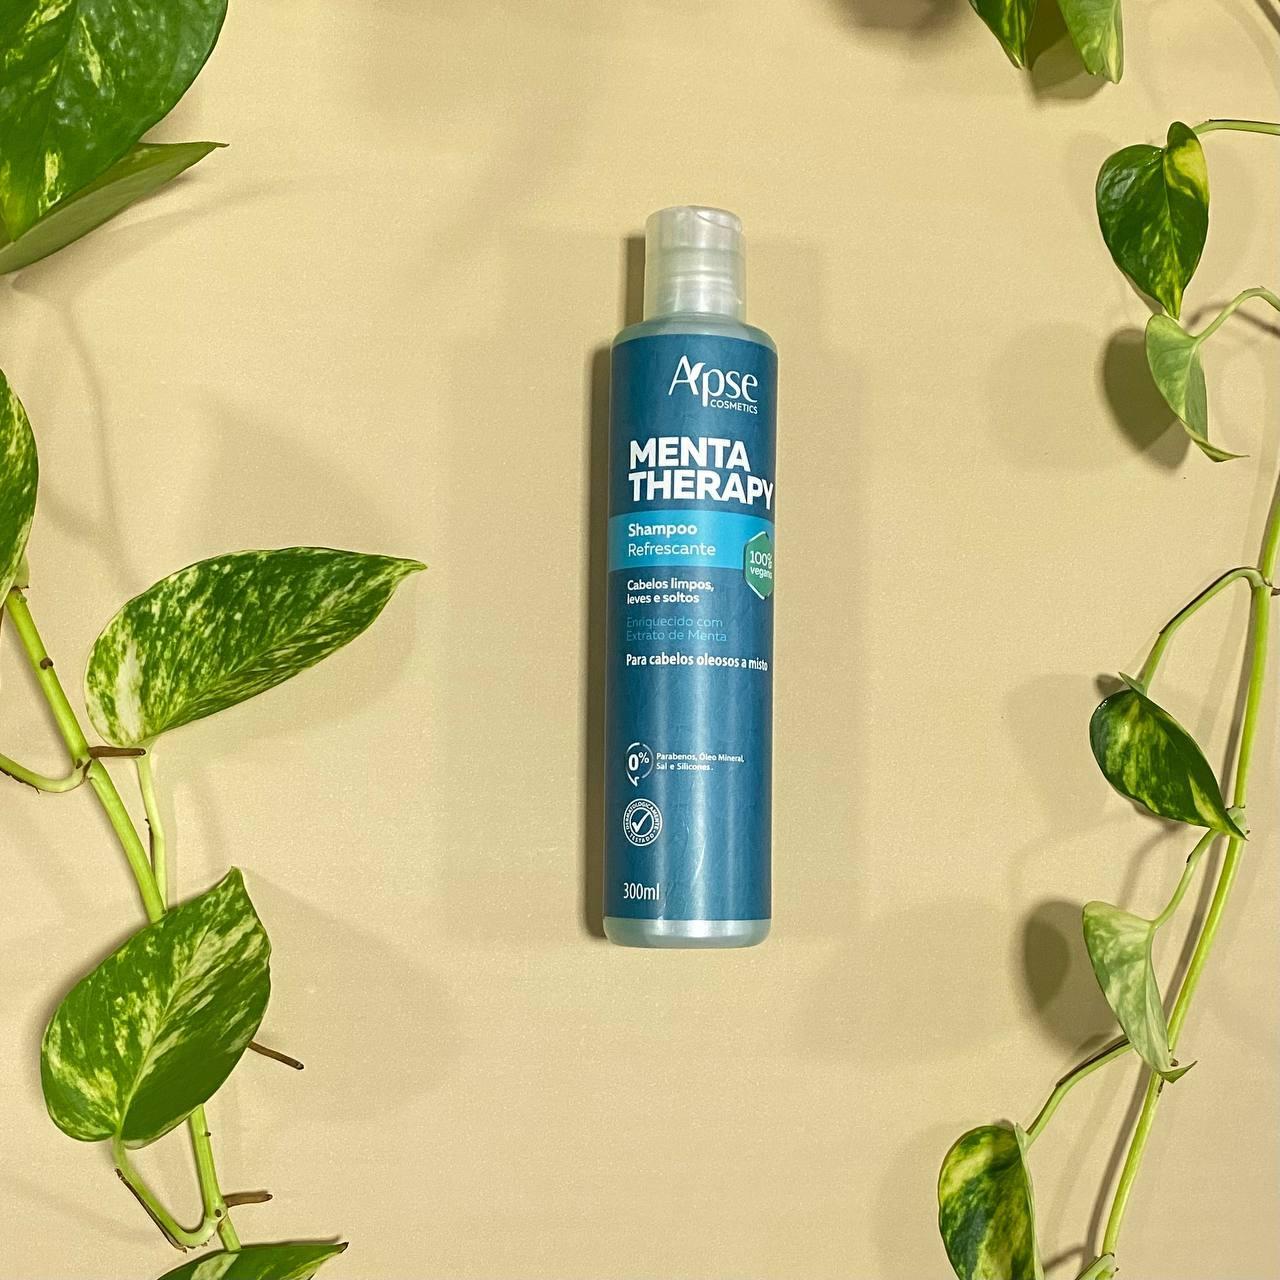 Shampoo Refrescante Menta Therapy - Apse Cosmetics 300ml